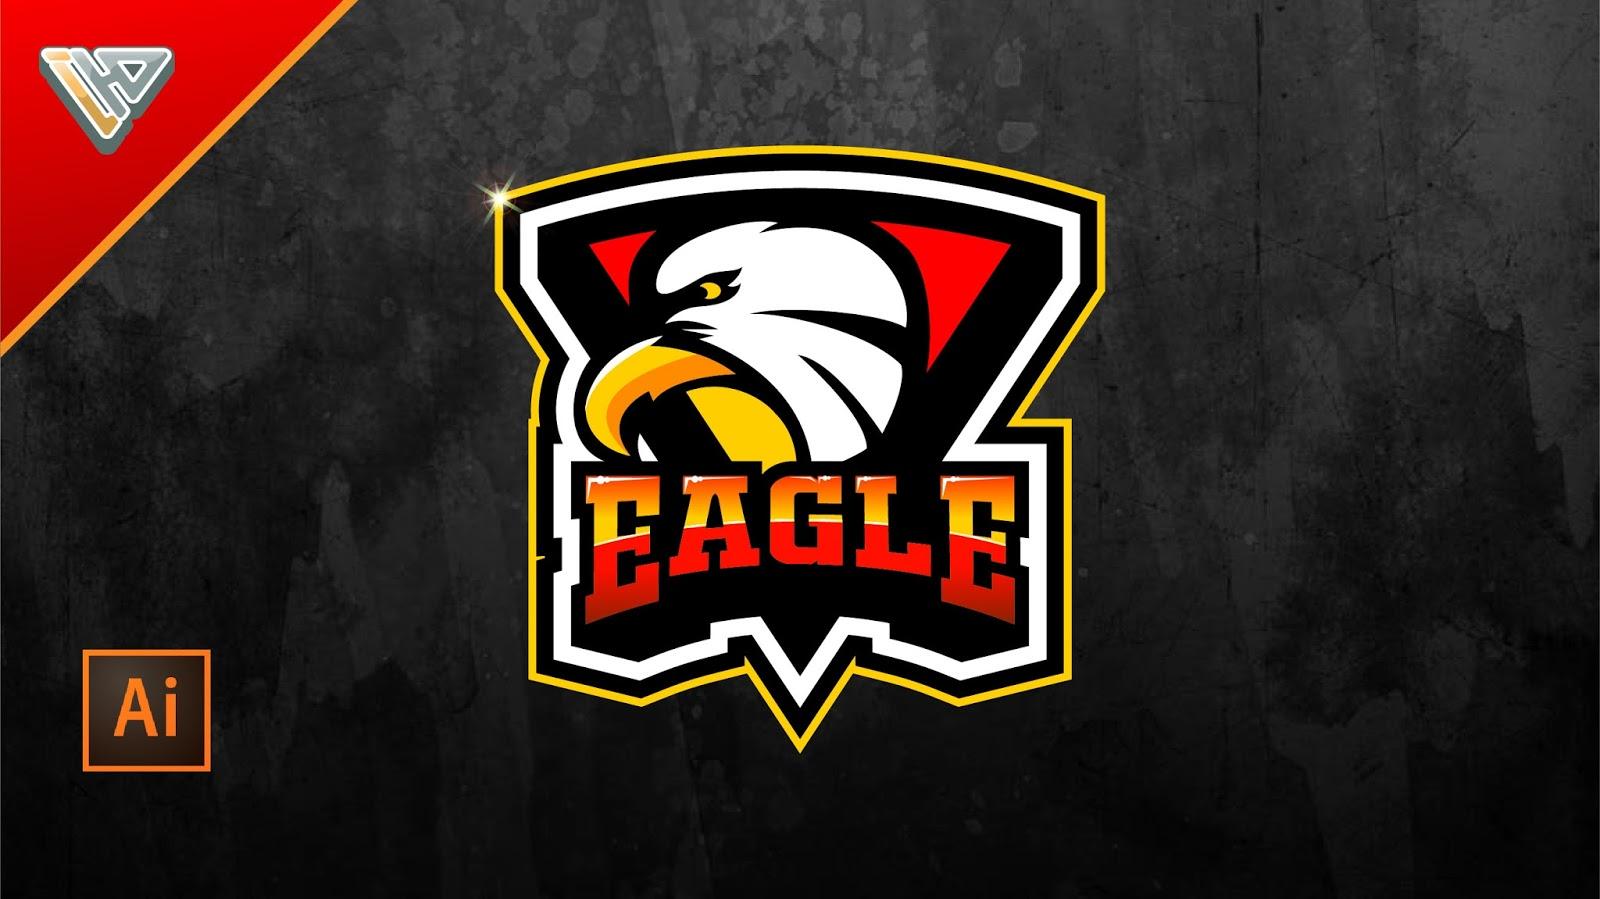 Cara Membuat Logo Badge Sport Eagle Menggunakan Adobe Illustrator